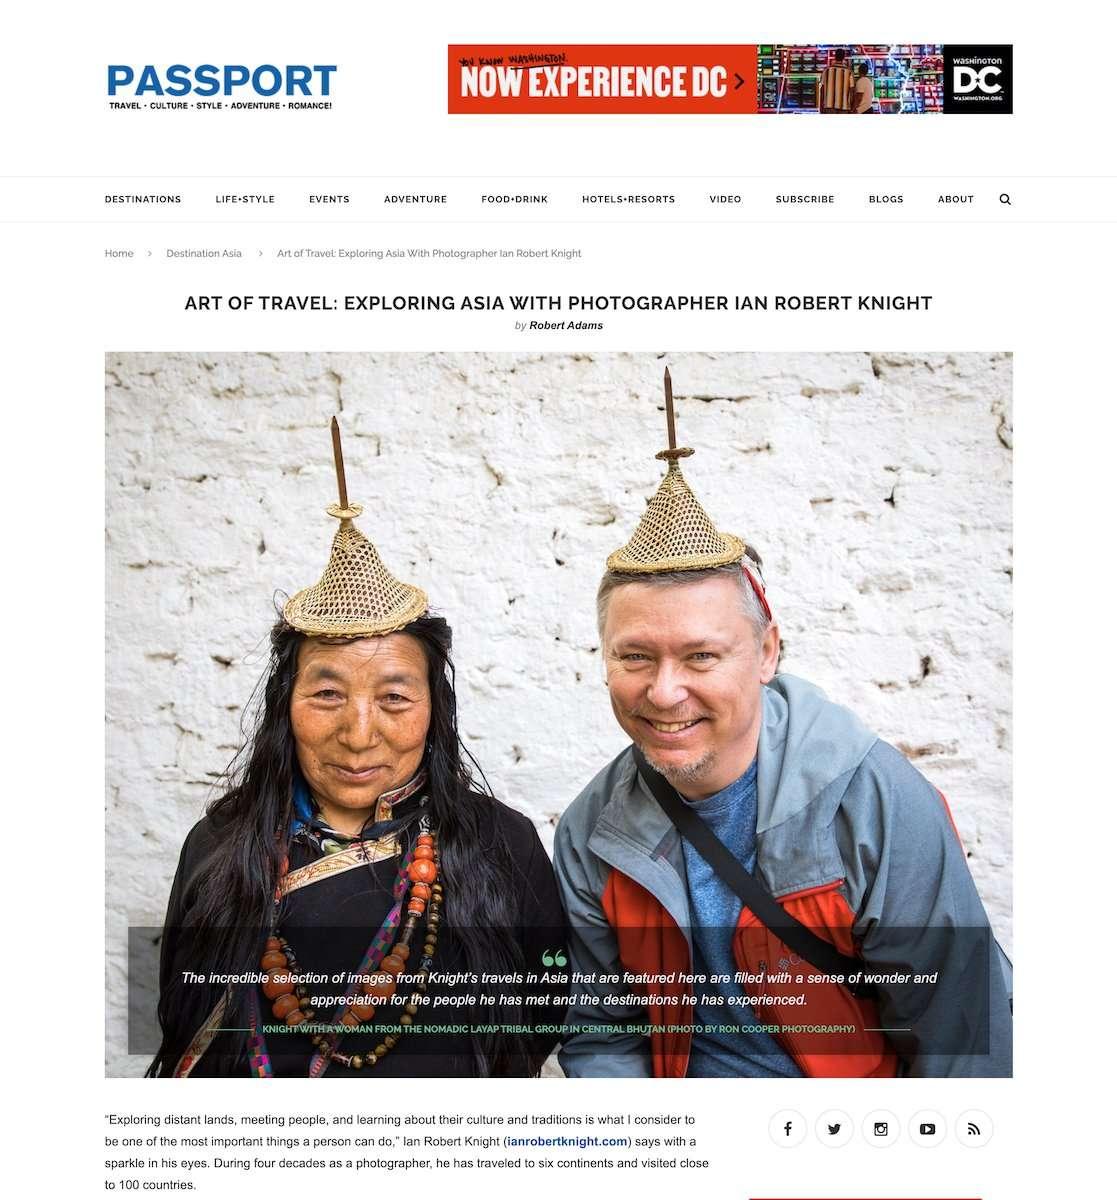 Screen Shot of Passport Magazine story about Ian Robert Knight photography